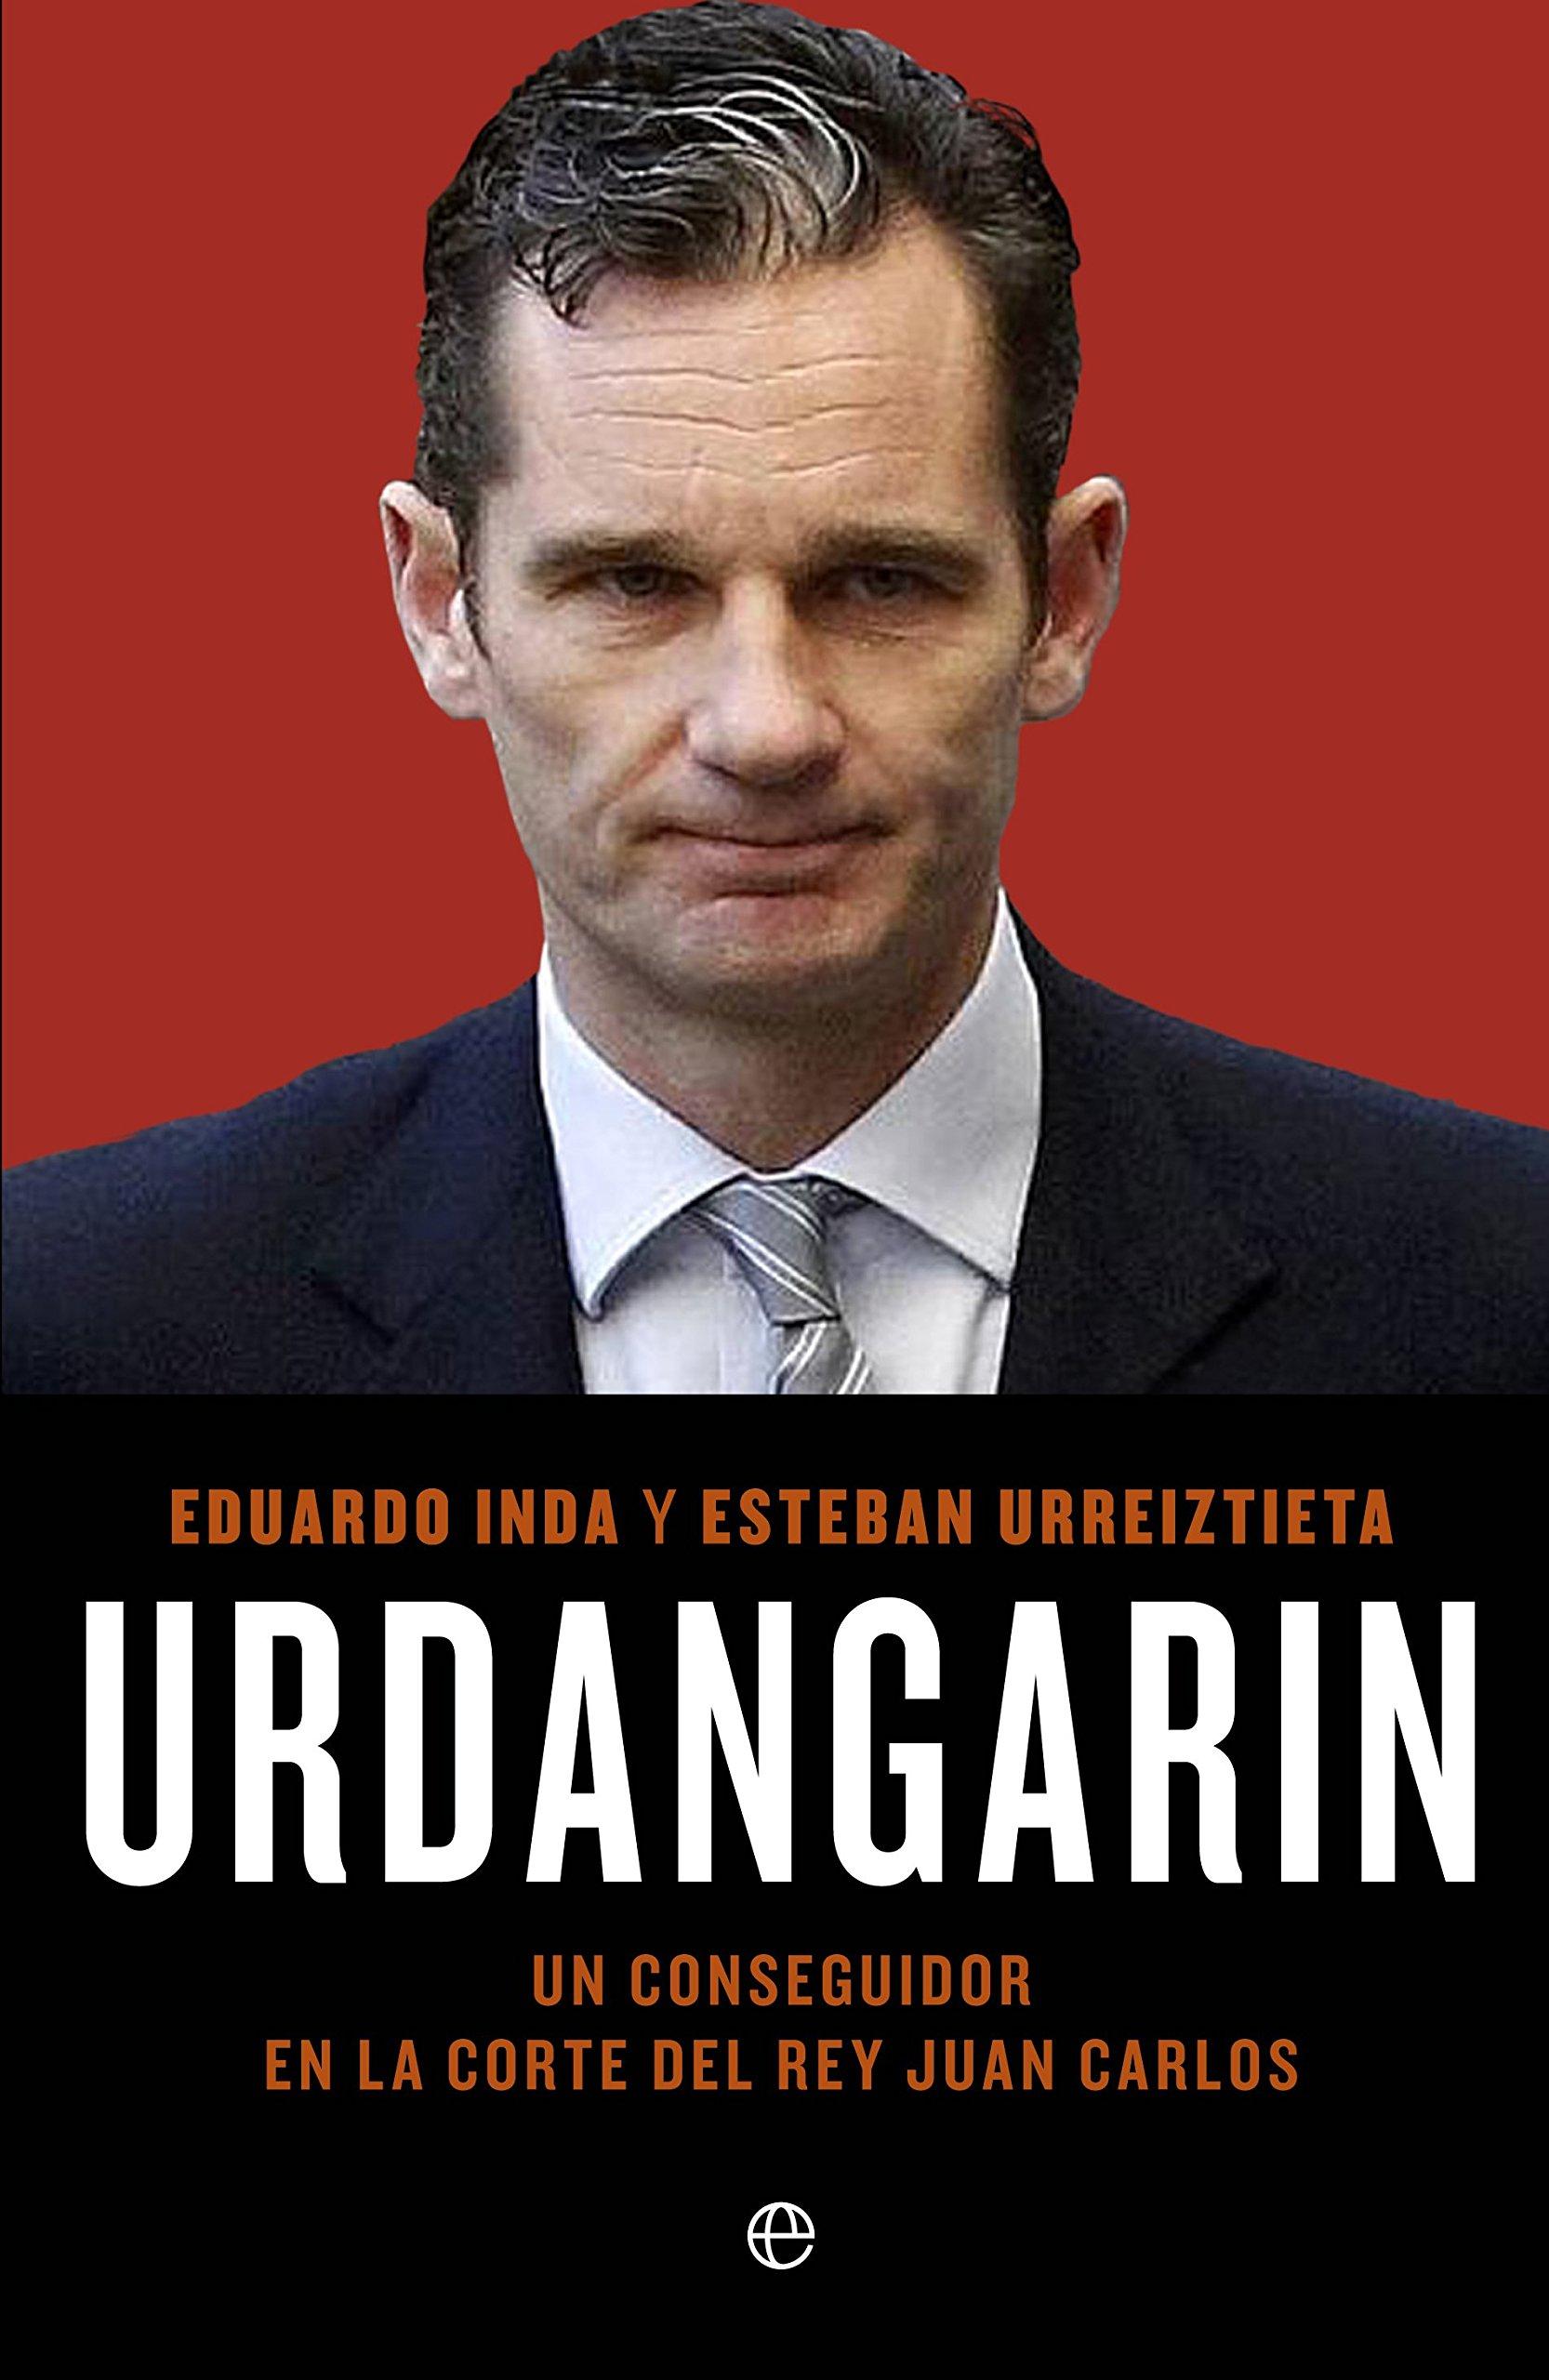 Urdangarín: Un conseguidor en la corte del rey Juan Carlos Actualidad: Amazon.es: Inda Arriaga, Eduardo, Urreiztieta Nuñez, Esteban: Libros